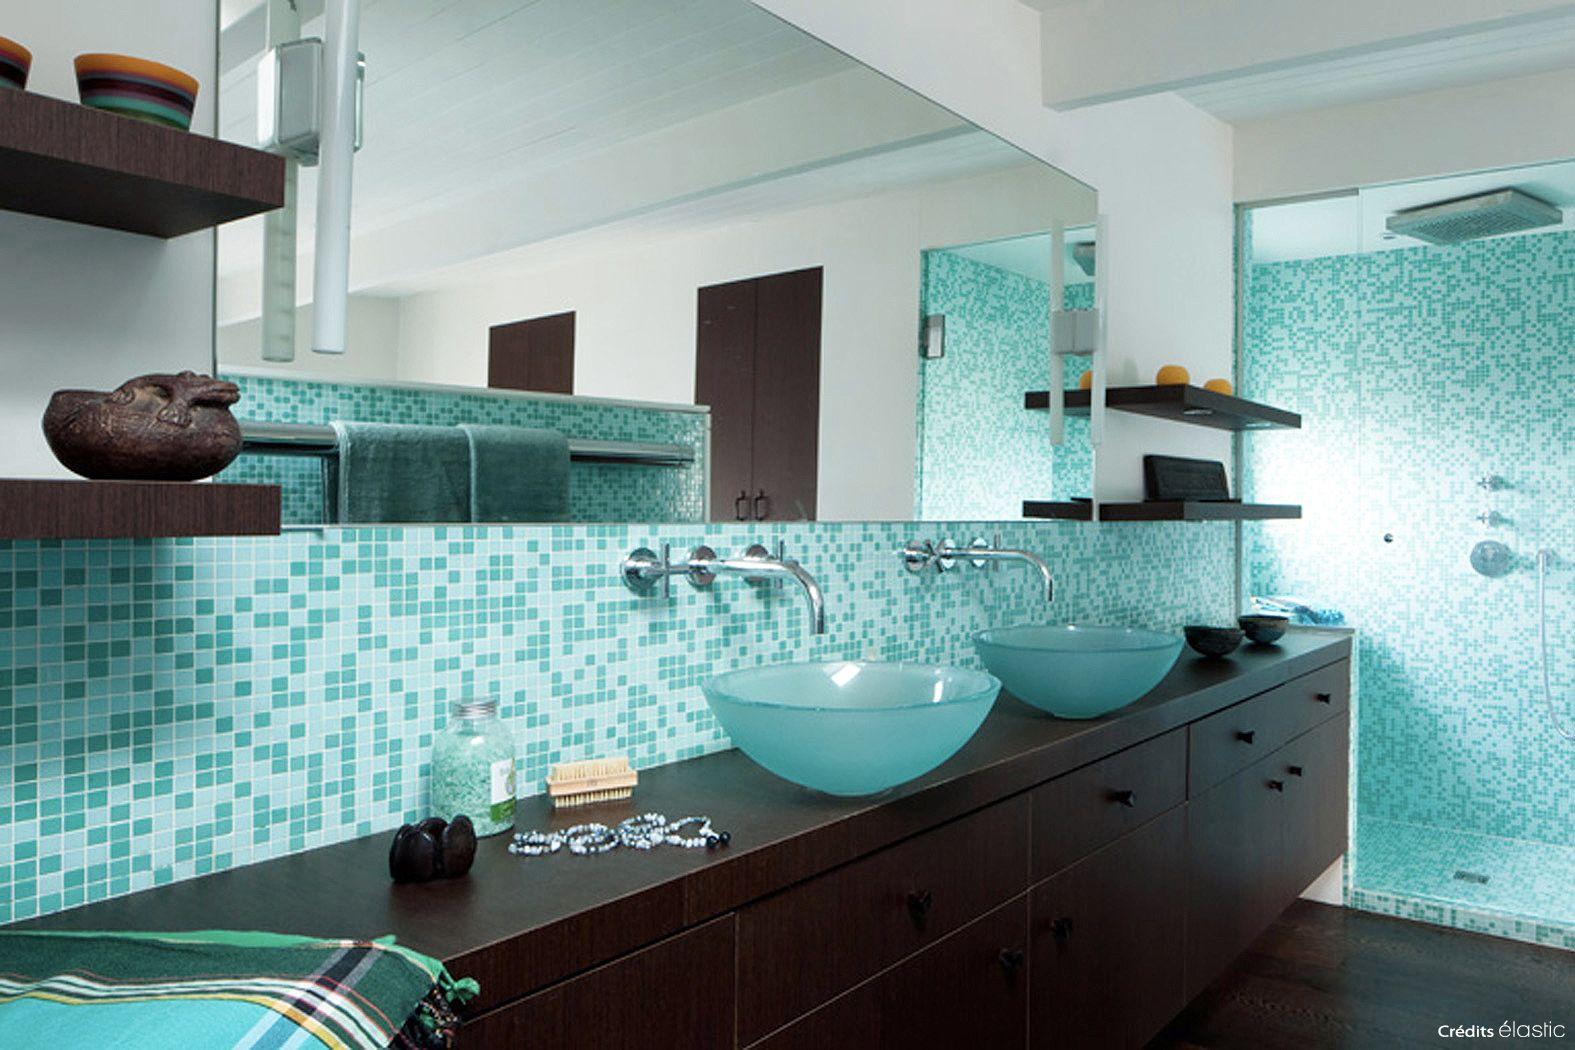 Salle De Bain Ouvert Meubles En Wenge Et Mosaique Turquoise Douche A L Italienne Double Vasque Douche Italienne Salle De Bains Ouverte Mobilier De Salon